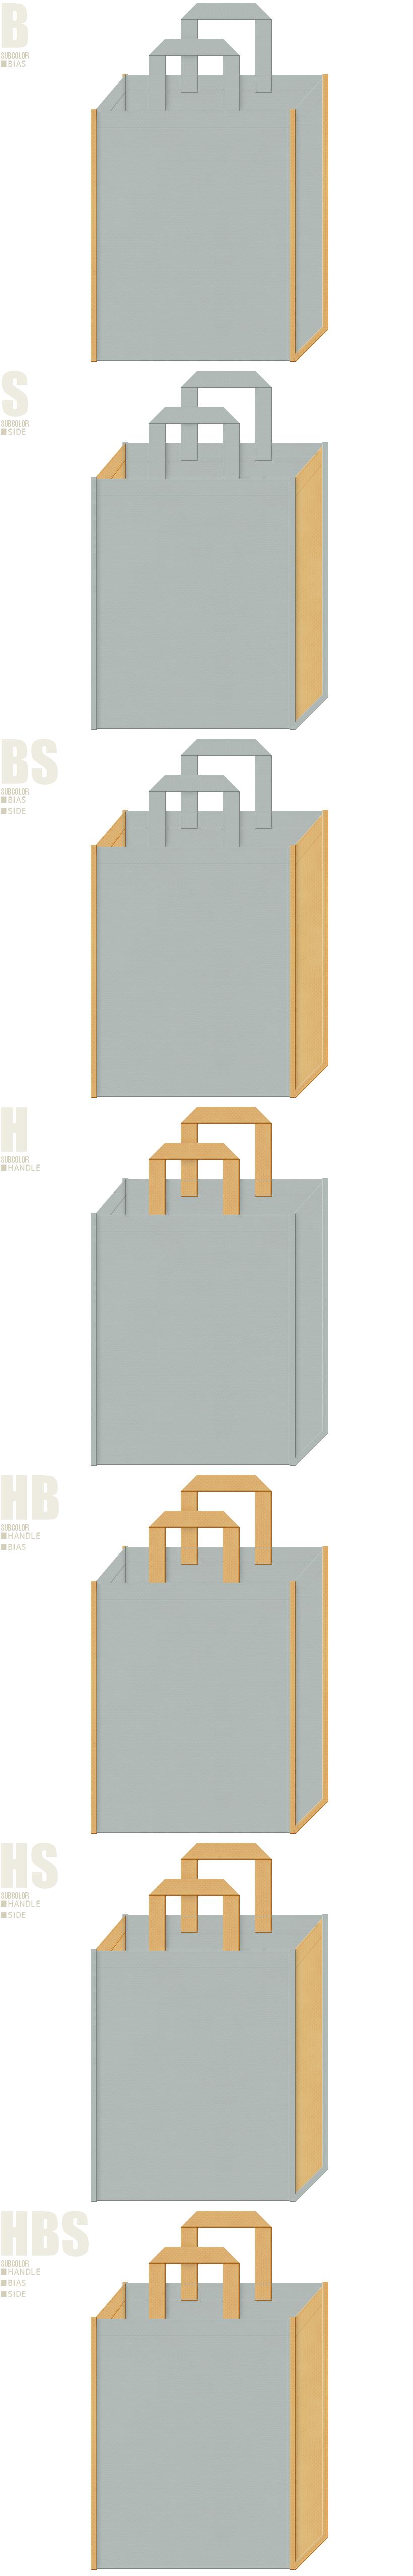 ニット・セーター・アウター・レギンス・秋冬ファッションの展示会用バッグにお奨めの不織布バッグデザイン:グレー色と薄黄土色の配色7パターン